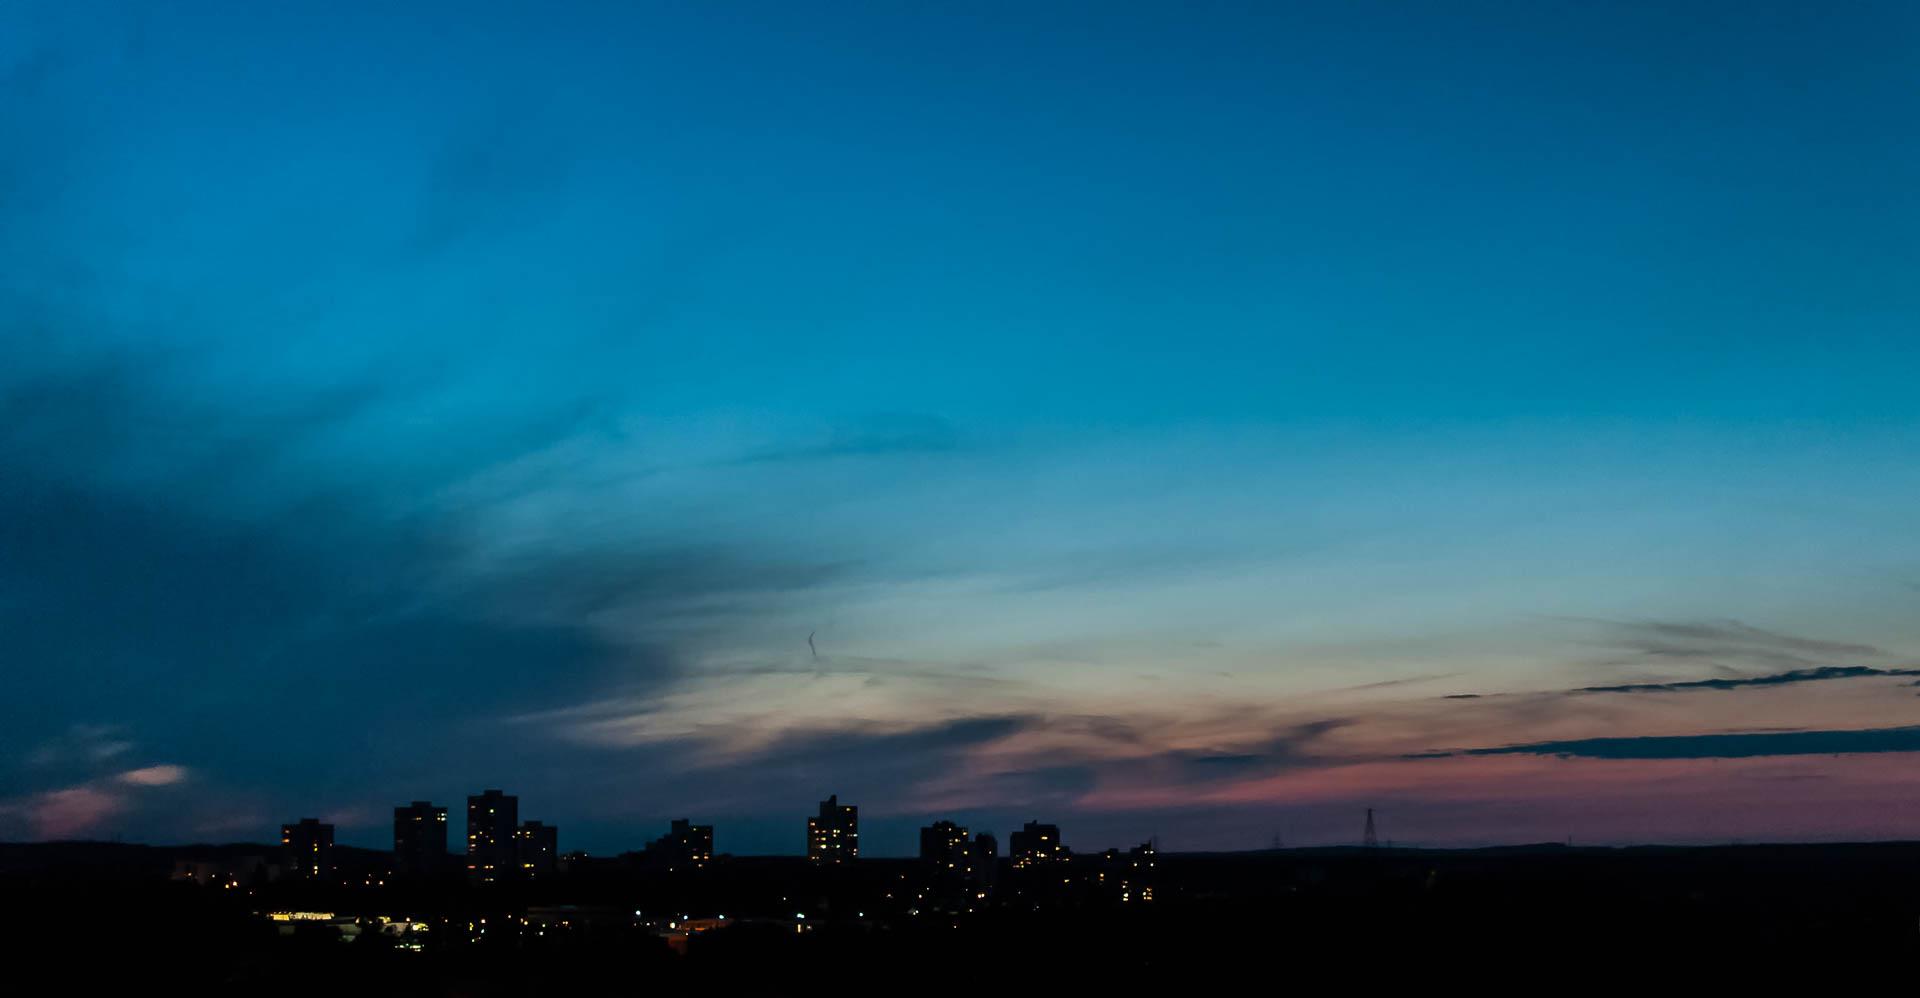 Nikon D300 - Skyfall ein himmlischer Sonnenuntergang in Erlangen